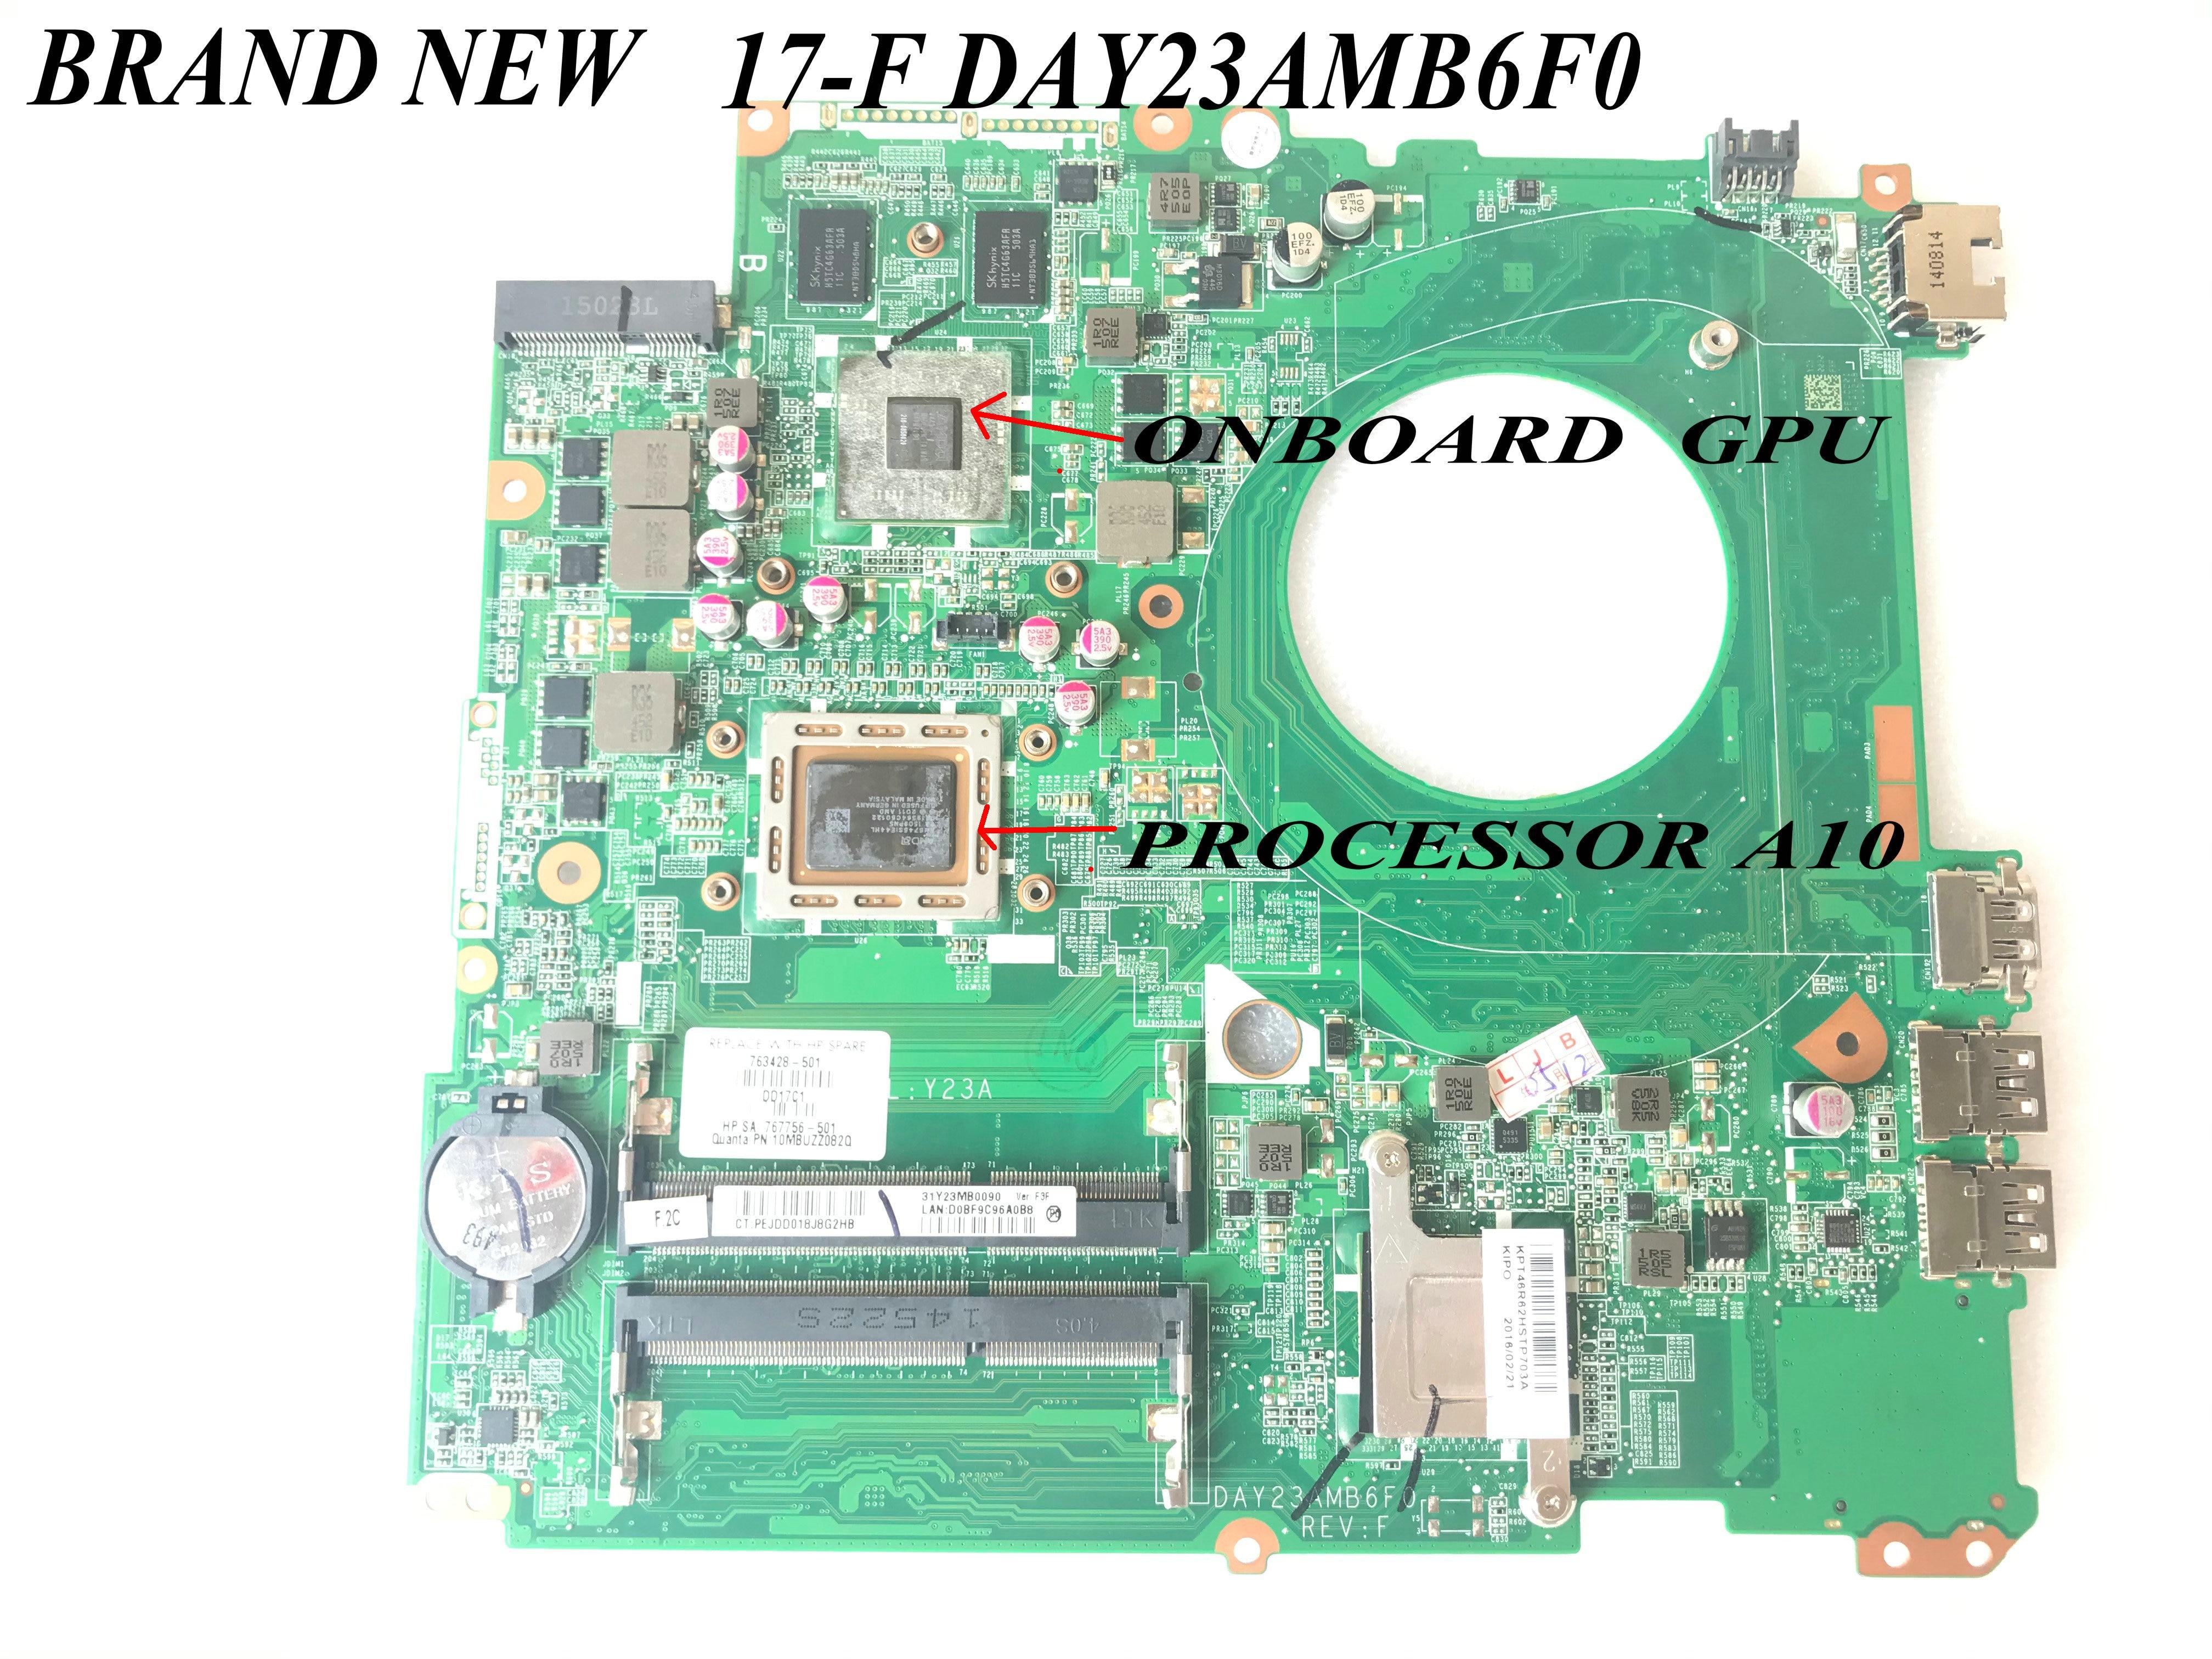 شحن سريع. جديد تمامًا. لوحة رئيسية Y23A DAY23AMB6F0 /DAY21AMB6D0 لمعالج اللوحة الأم HP بافيليون 17-F 17Z-F A10